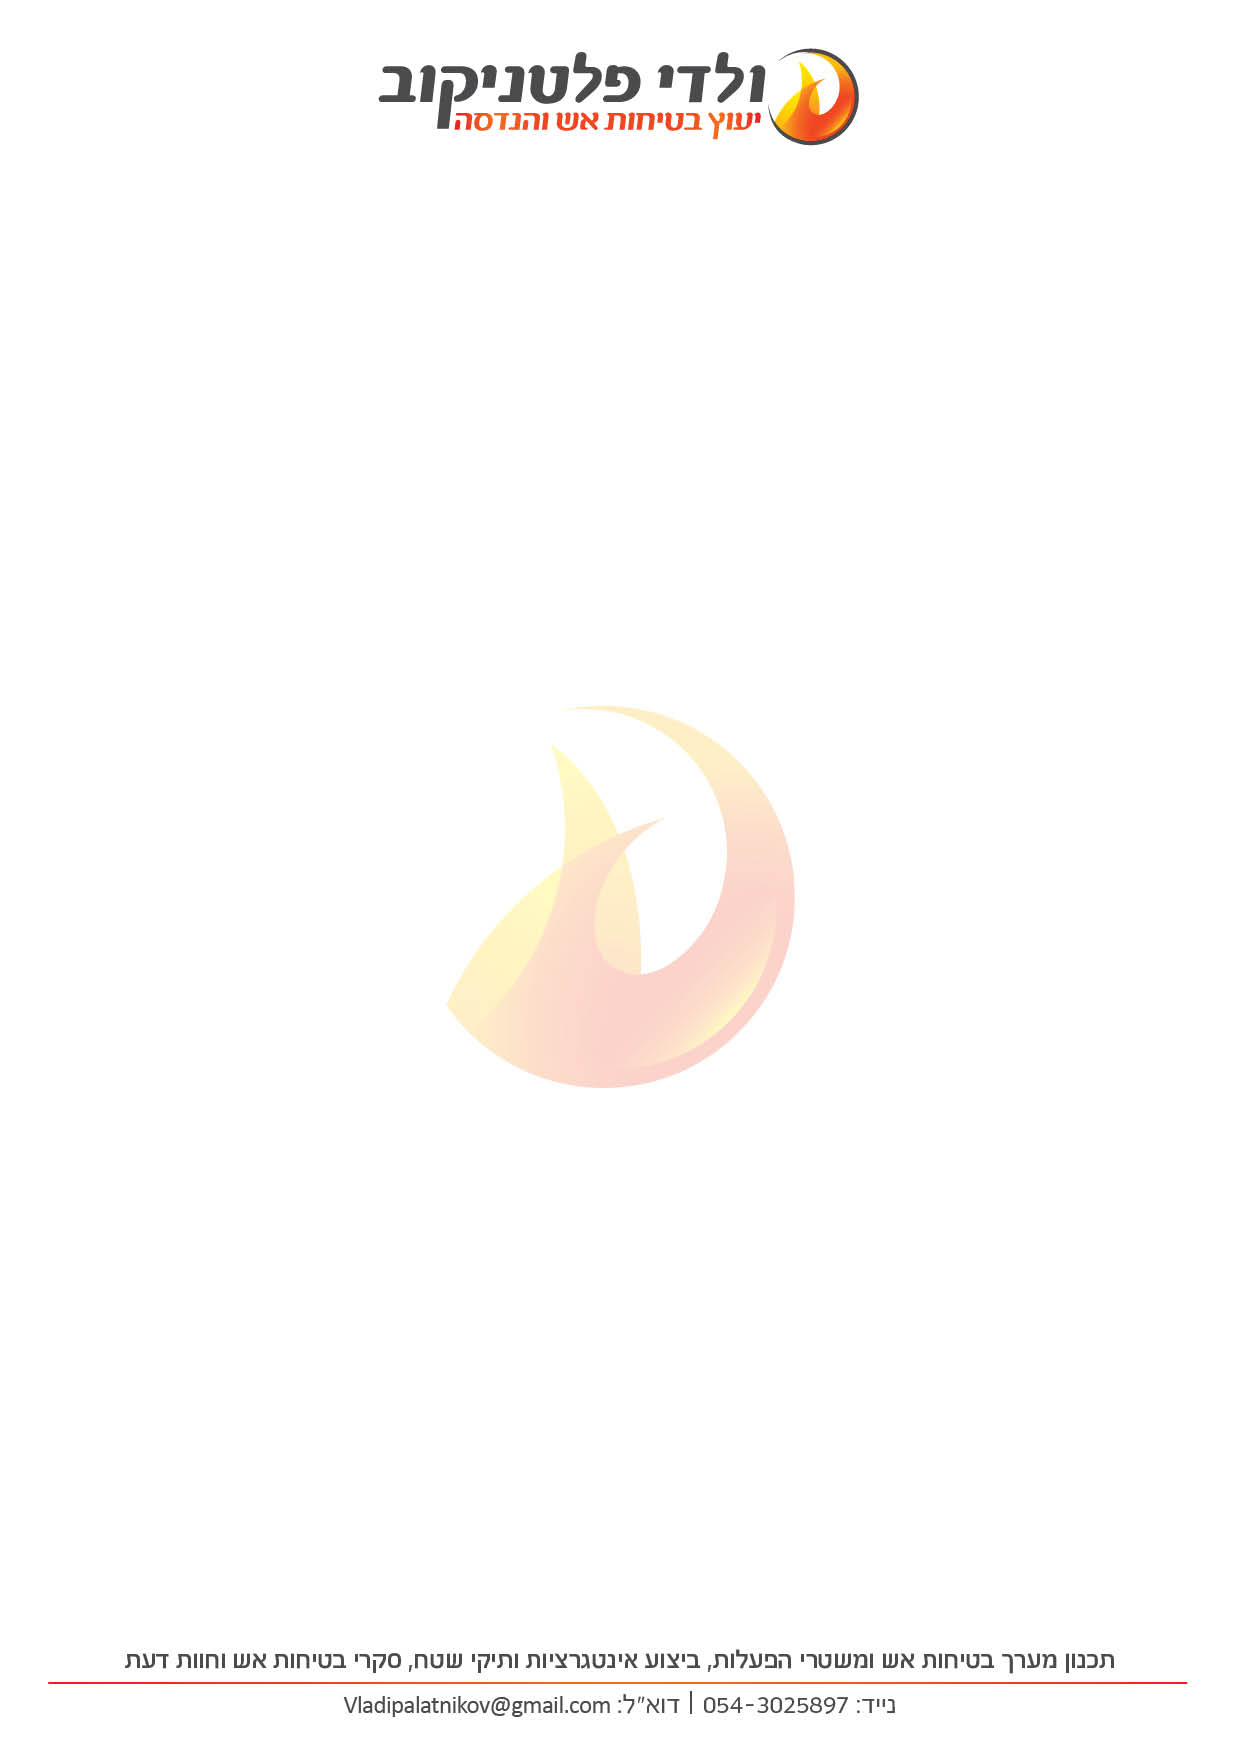 עיצוב דף לוגו לפרילנסר